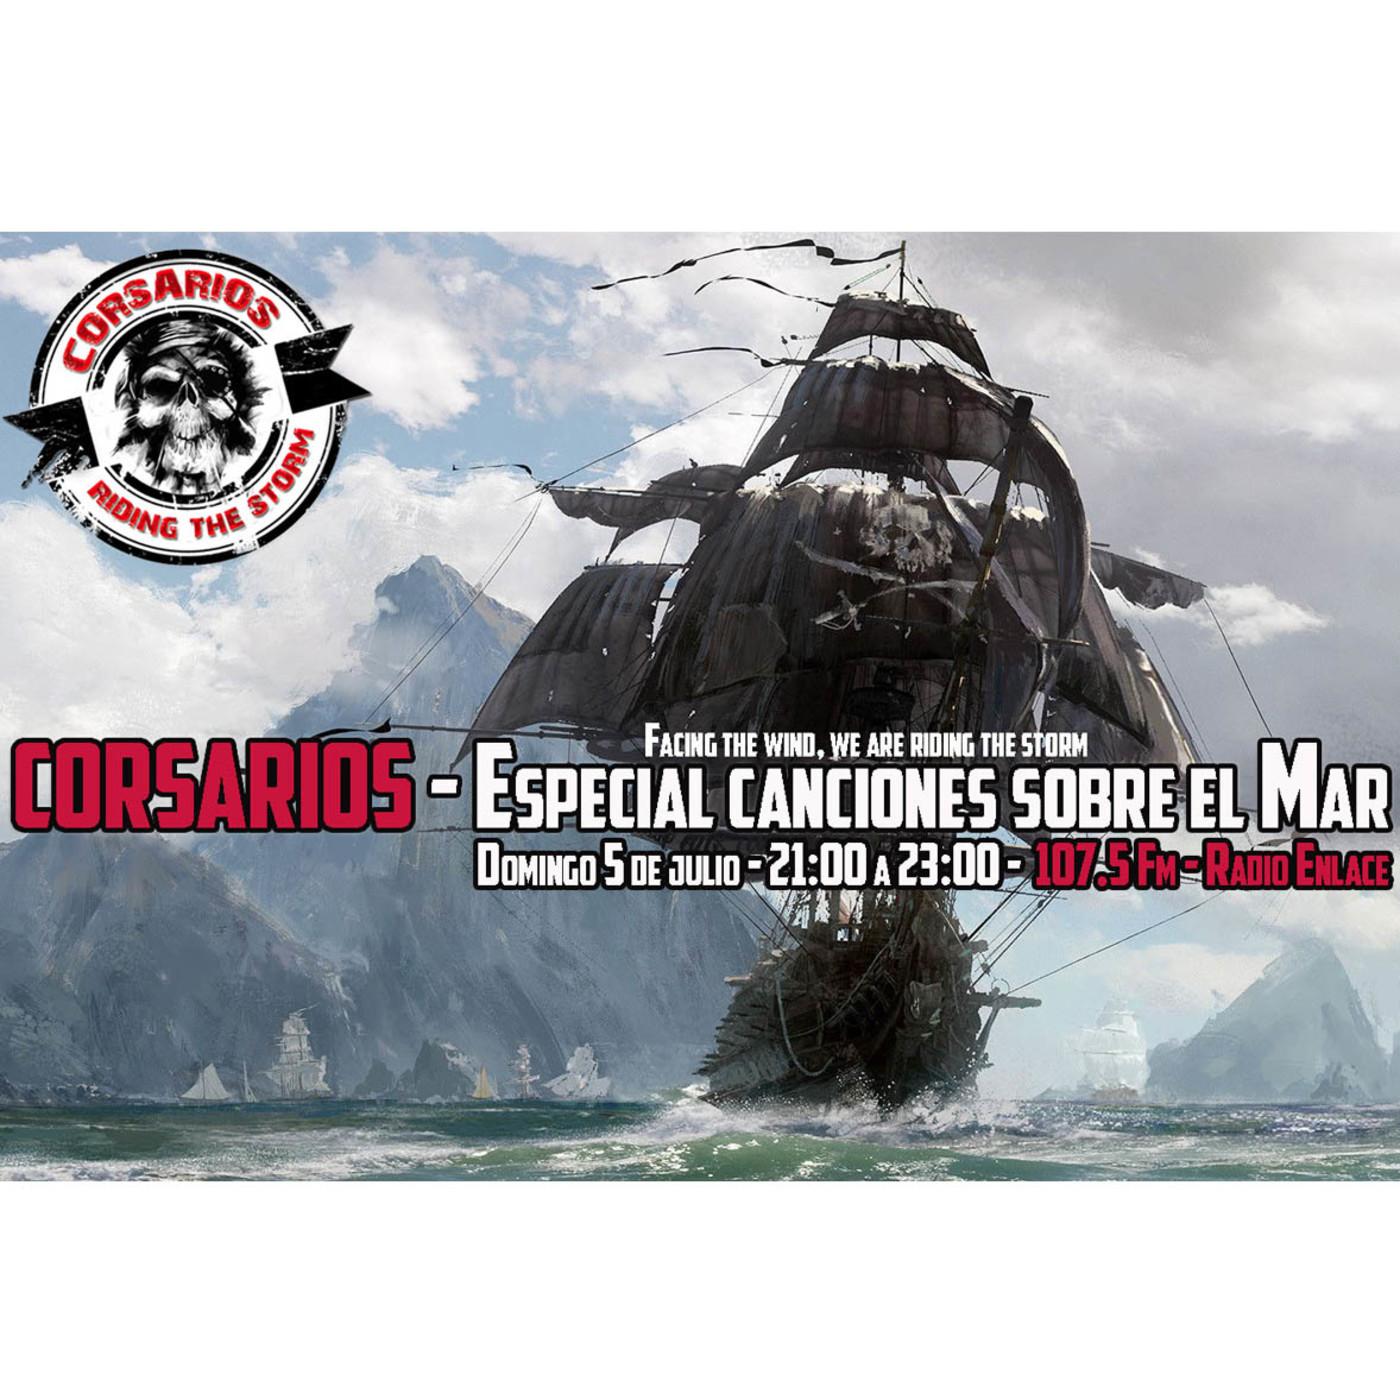 Corsarios - Canciones relacionadas con el mar - Domingo 5 Julio 2020